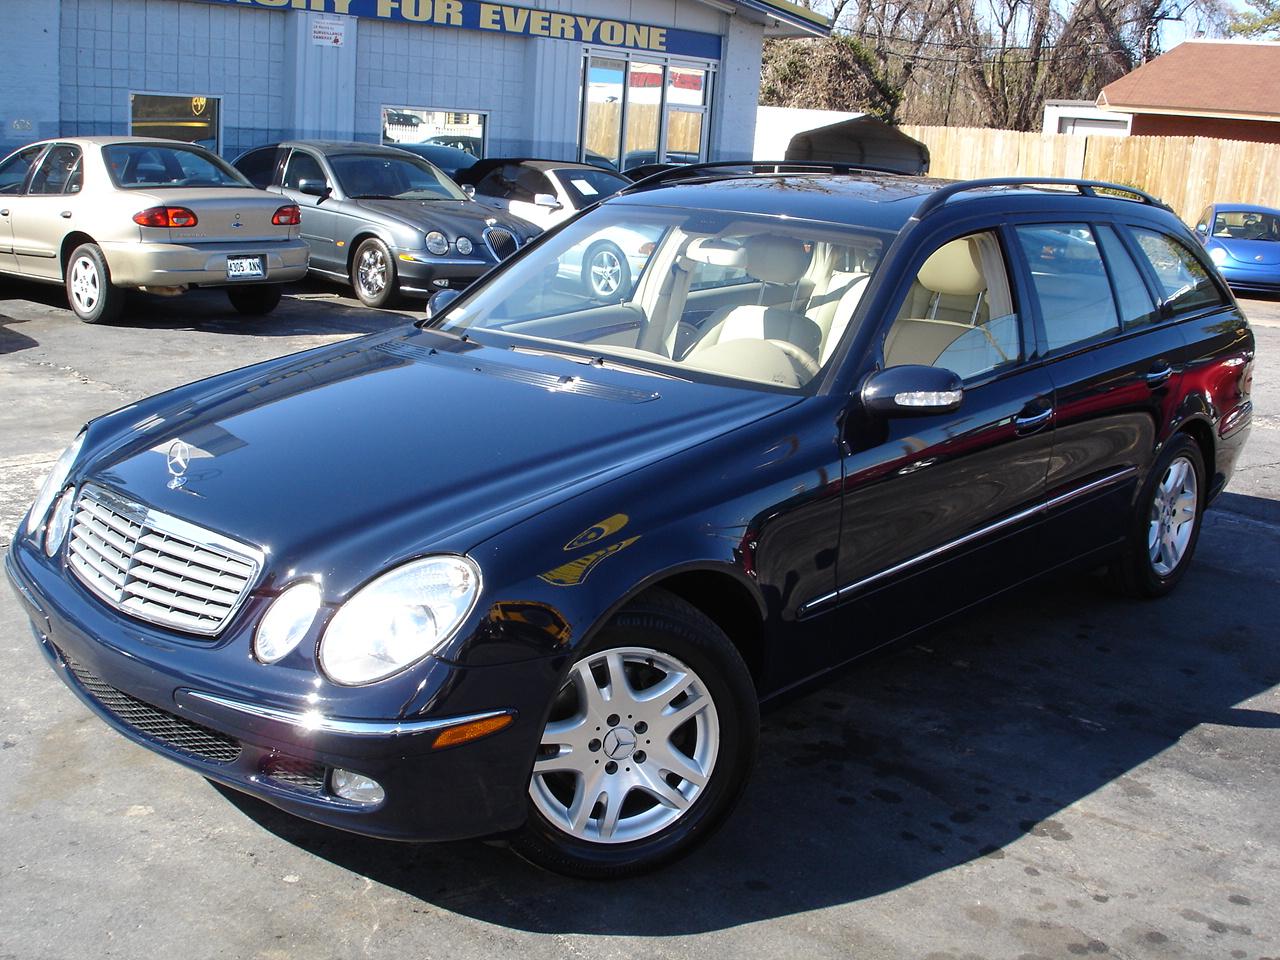 2006 mercedes benz e class exterior pictures cargurus for Mercedes benz e350 4matic wagon